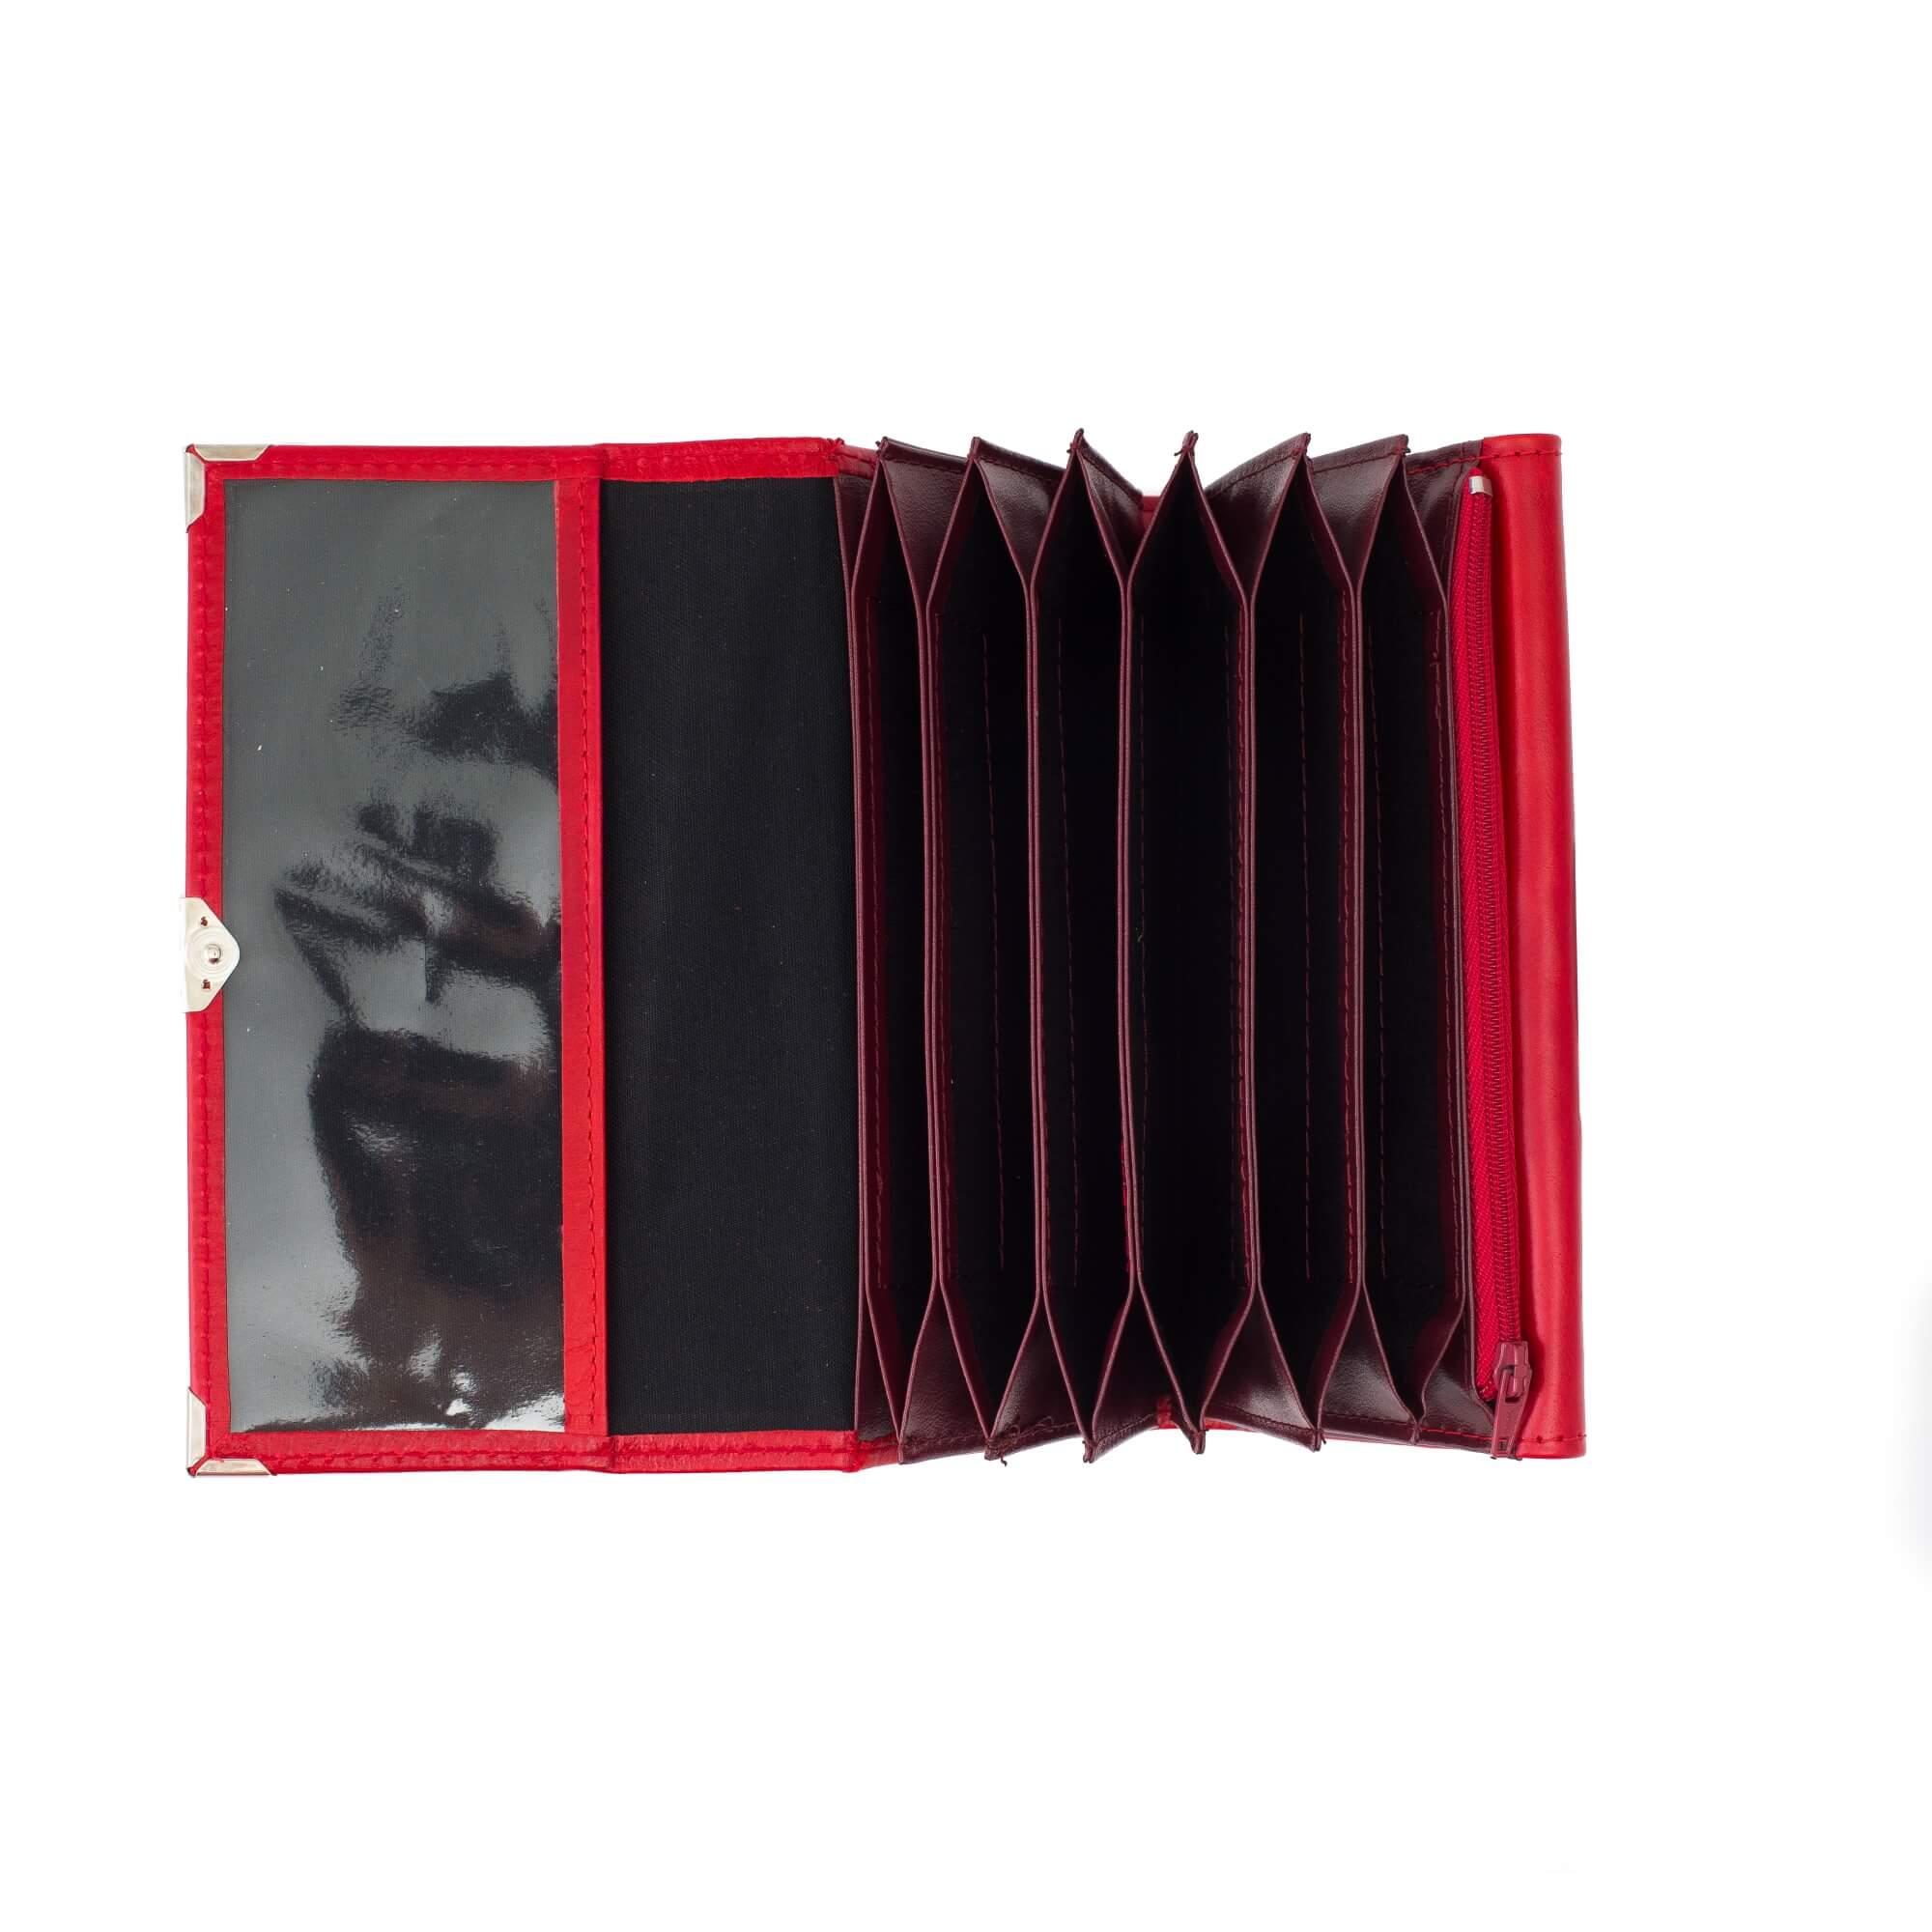 Piros 6 zsebes brifko sarokvedovel (1)